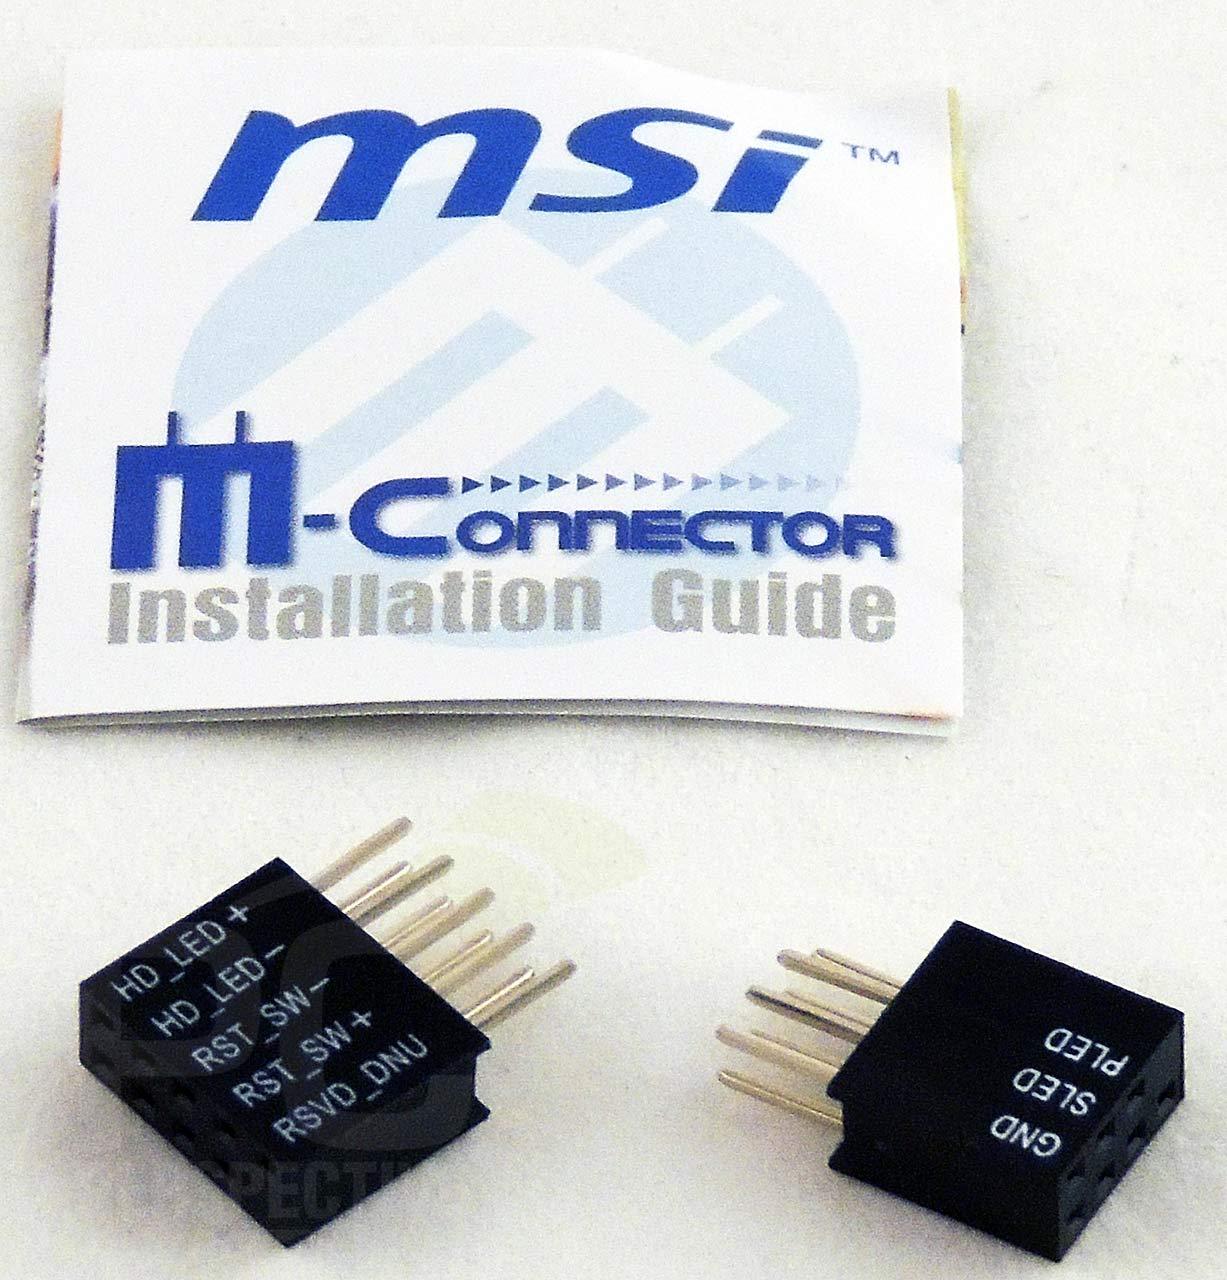 18-mconnectors.jpg